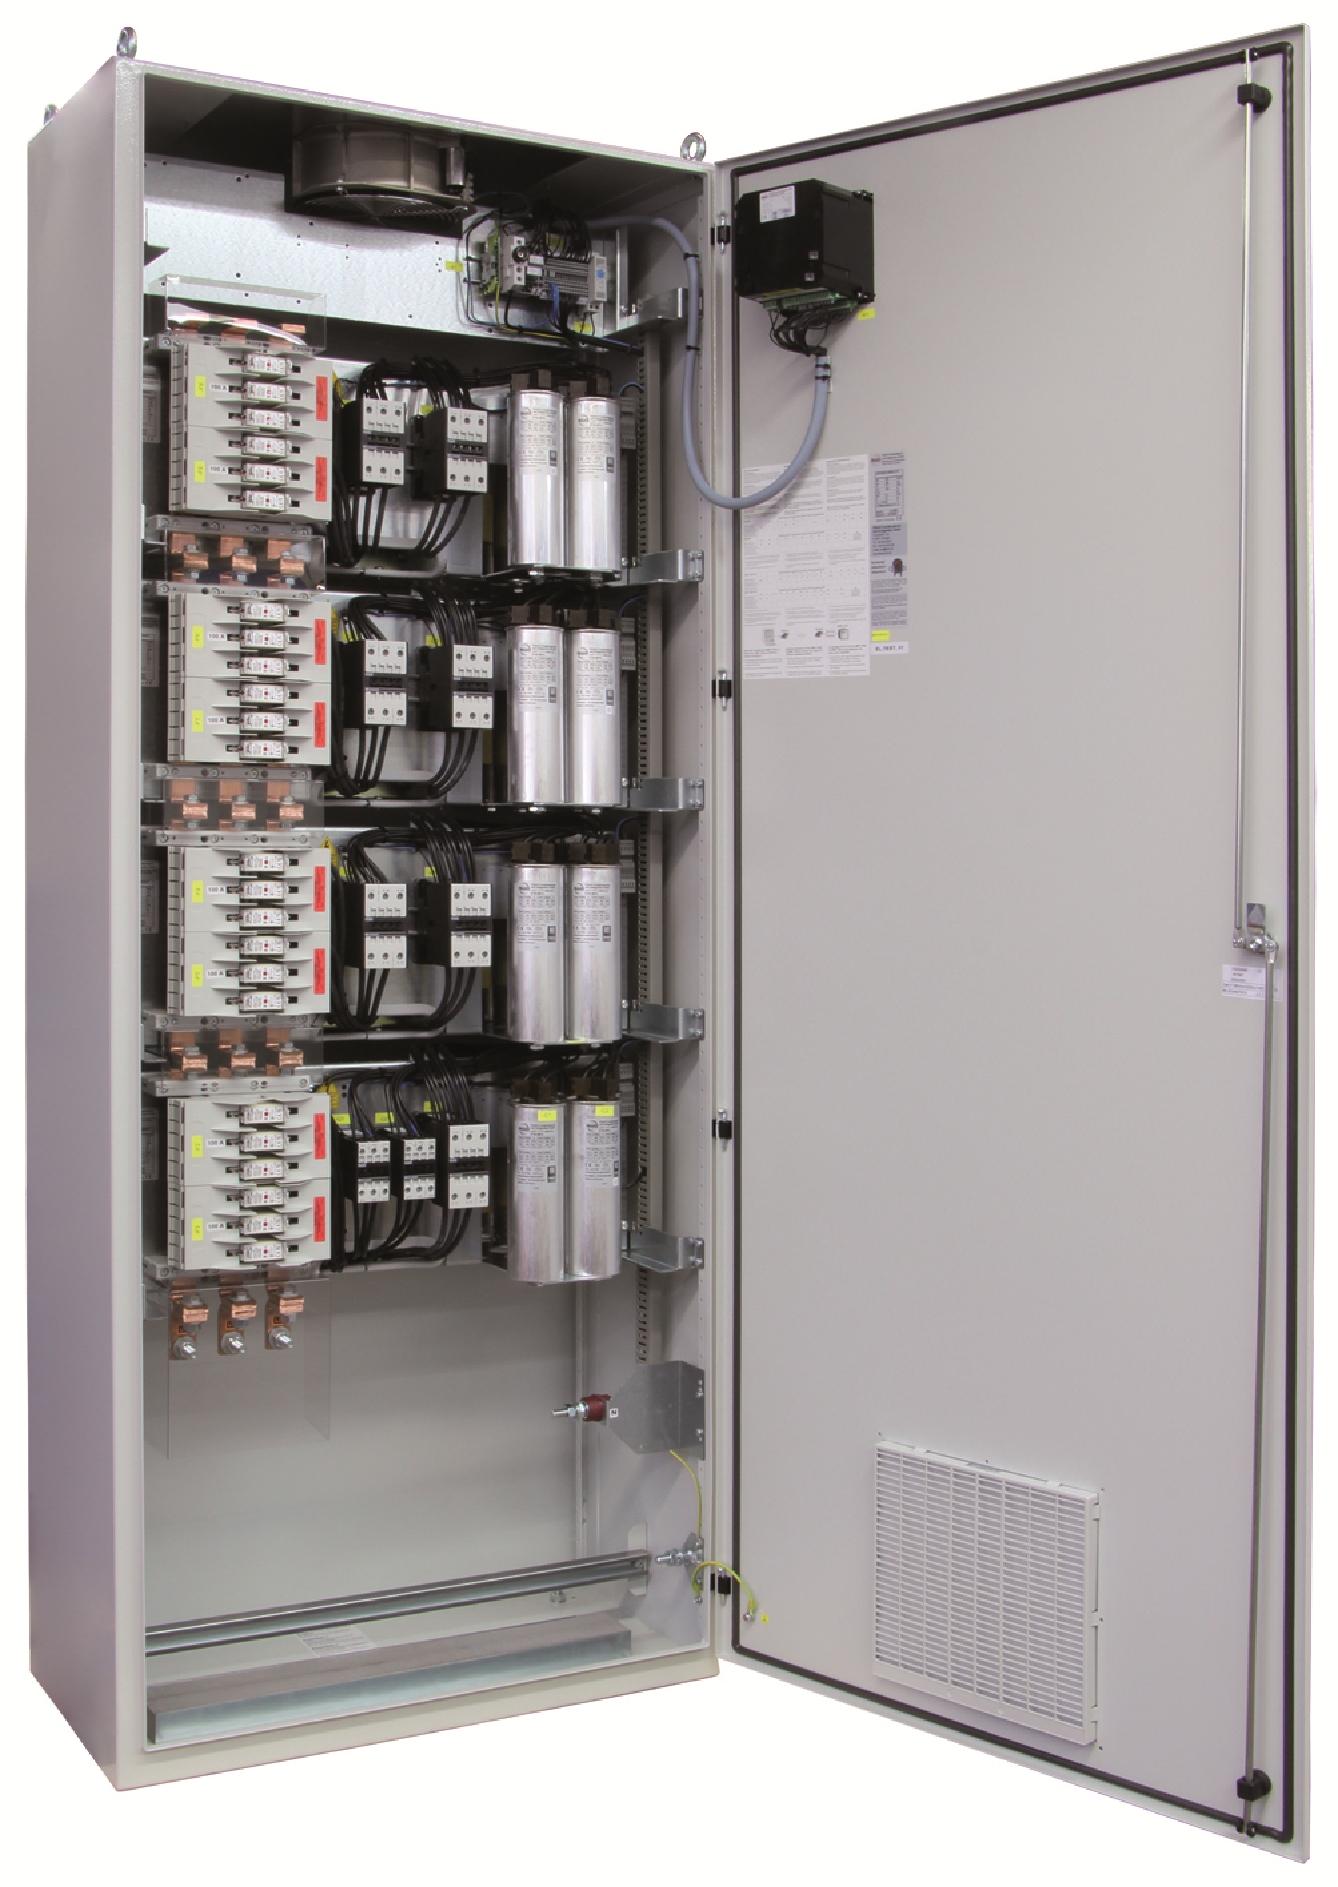 1 Stk Kompensation LSFC 7% 175/25kvar 800x2000x400mm FR3422671-